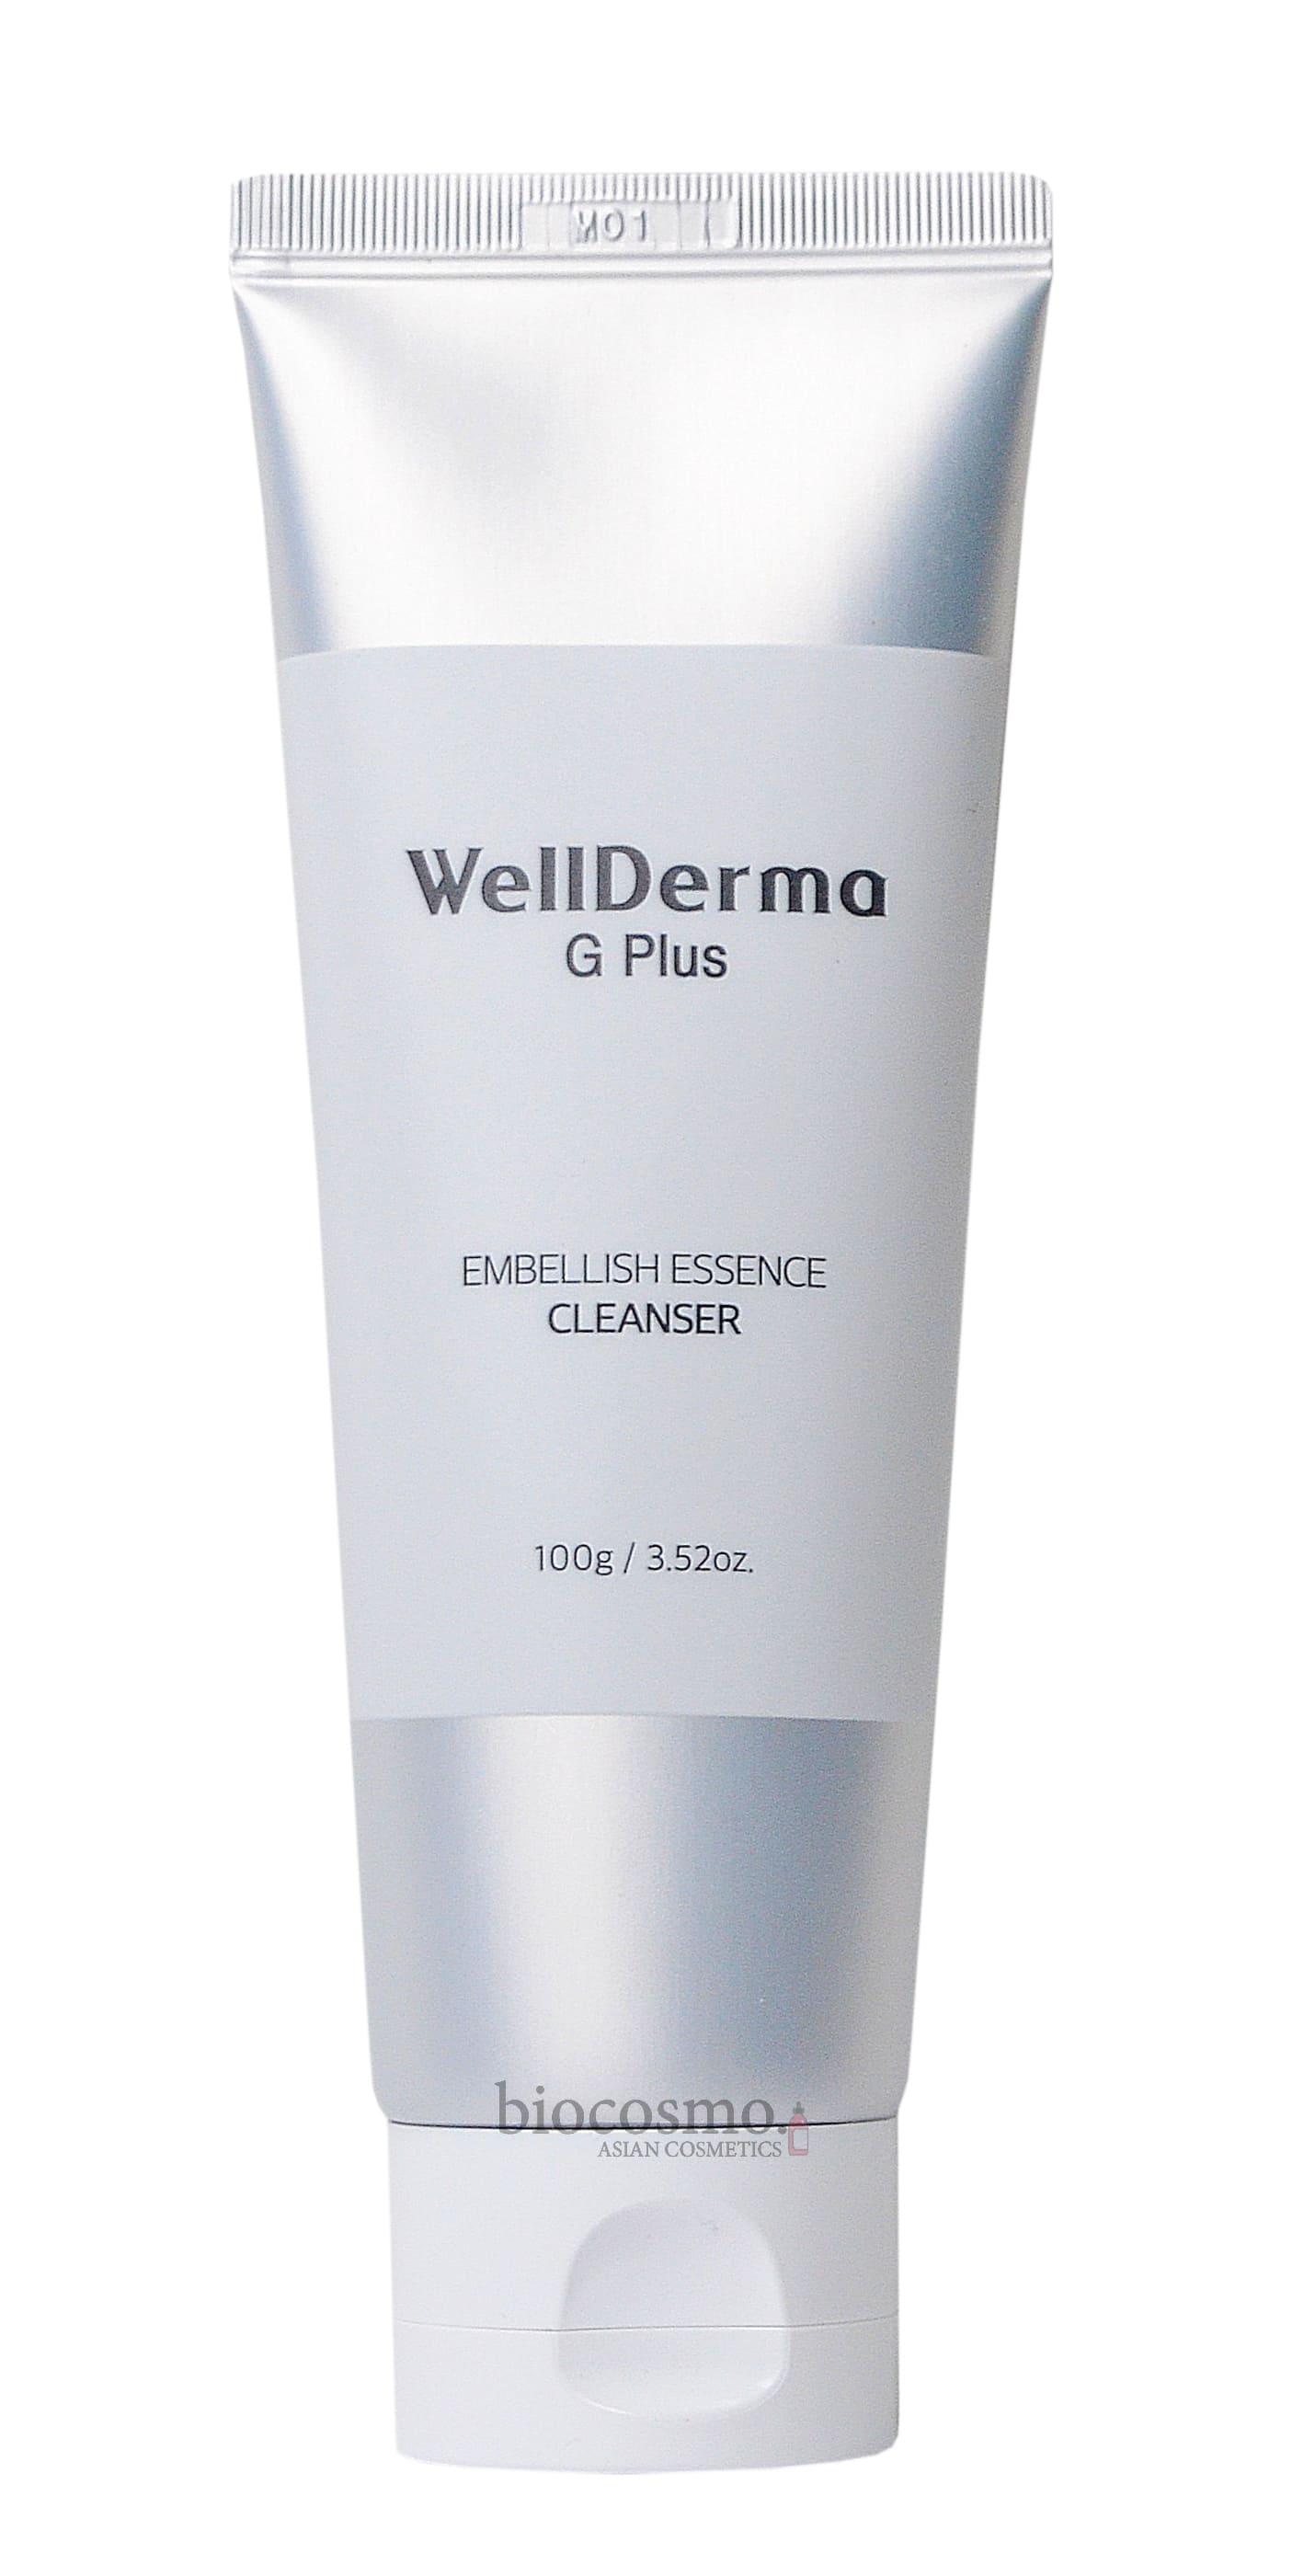 Увлажняющая пенка для умывания WellDerma G Plus Embellish Essence Cleanser - 100 мл